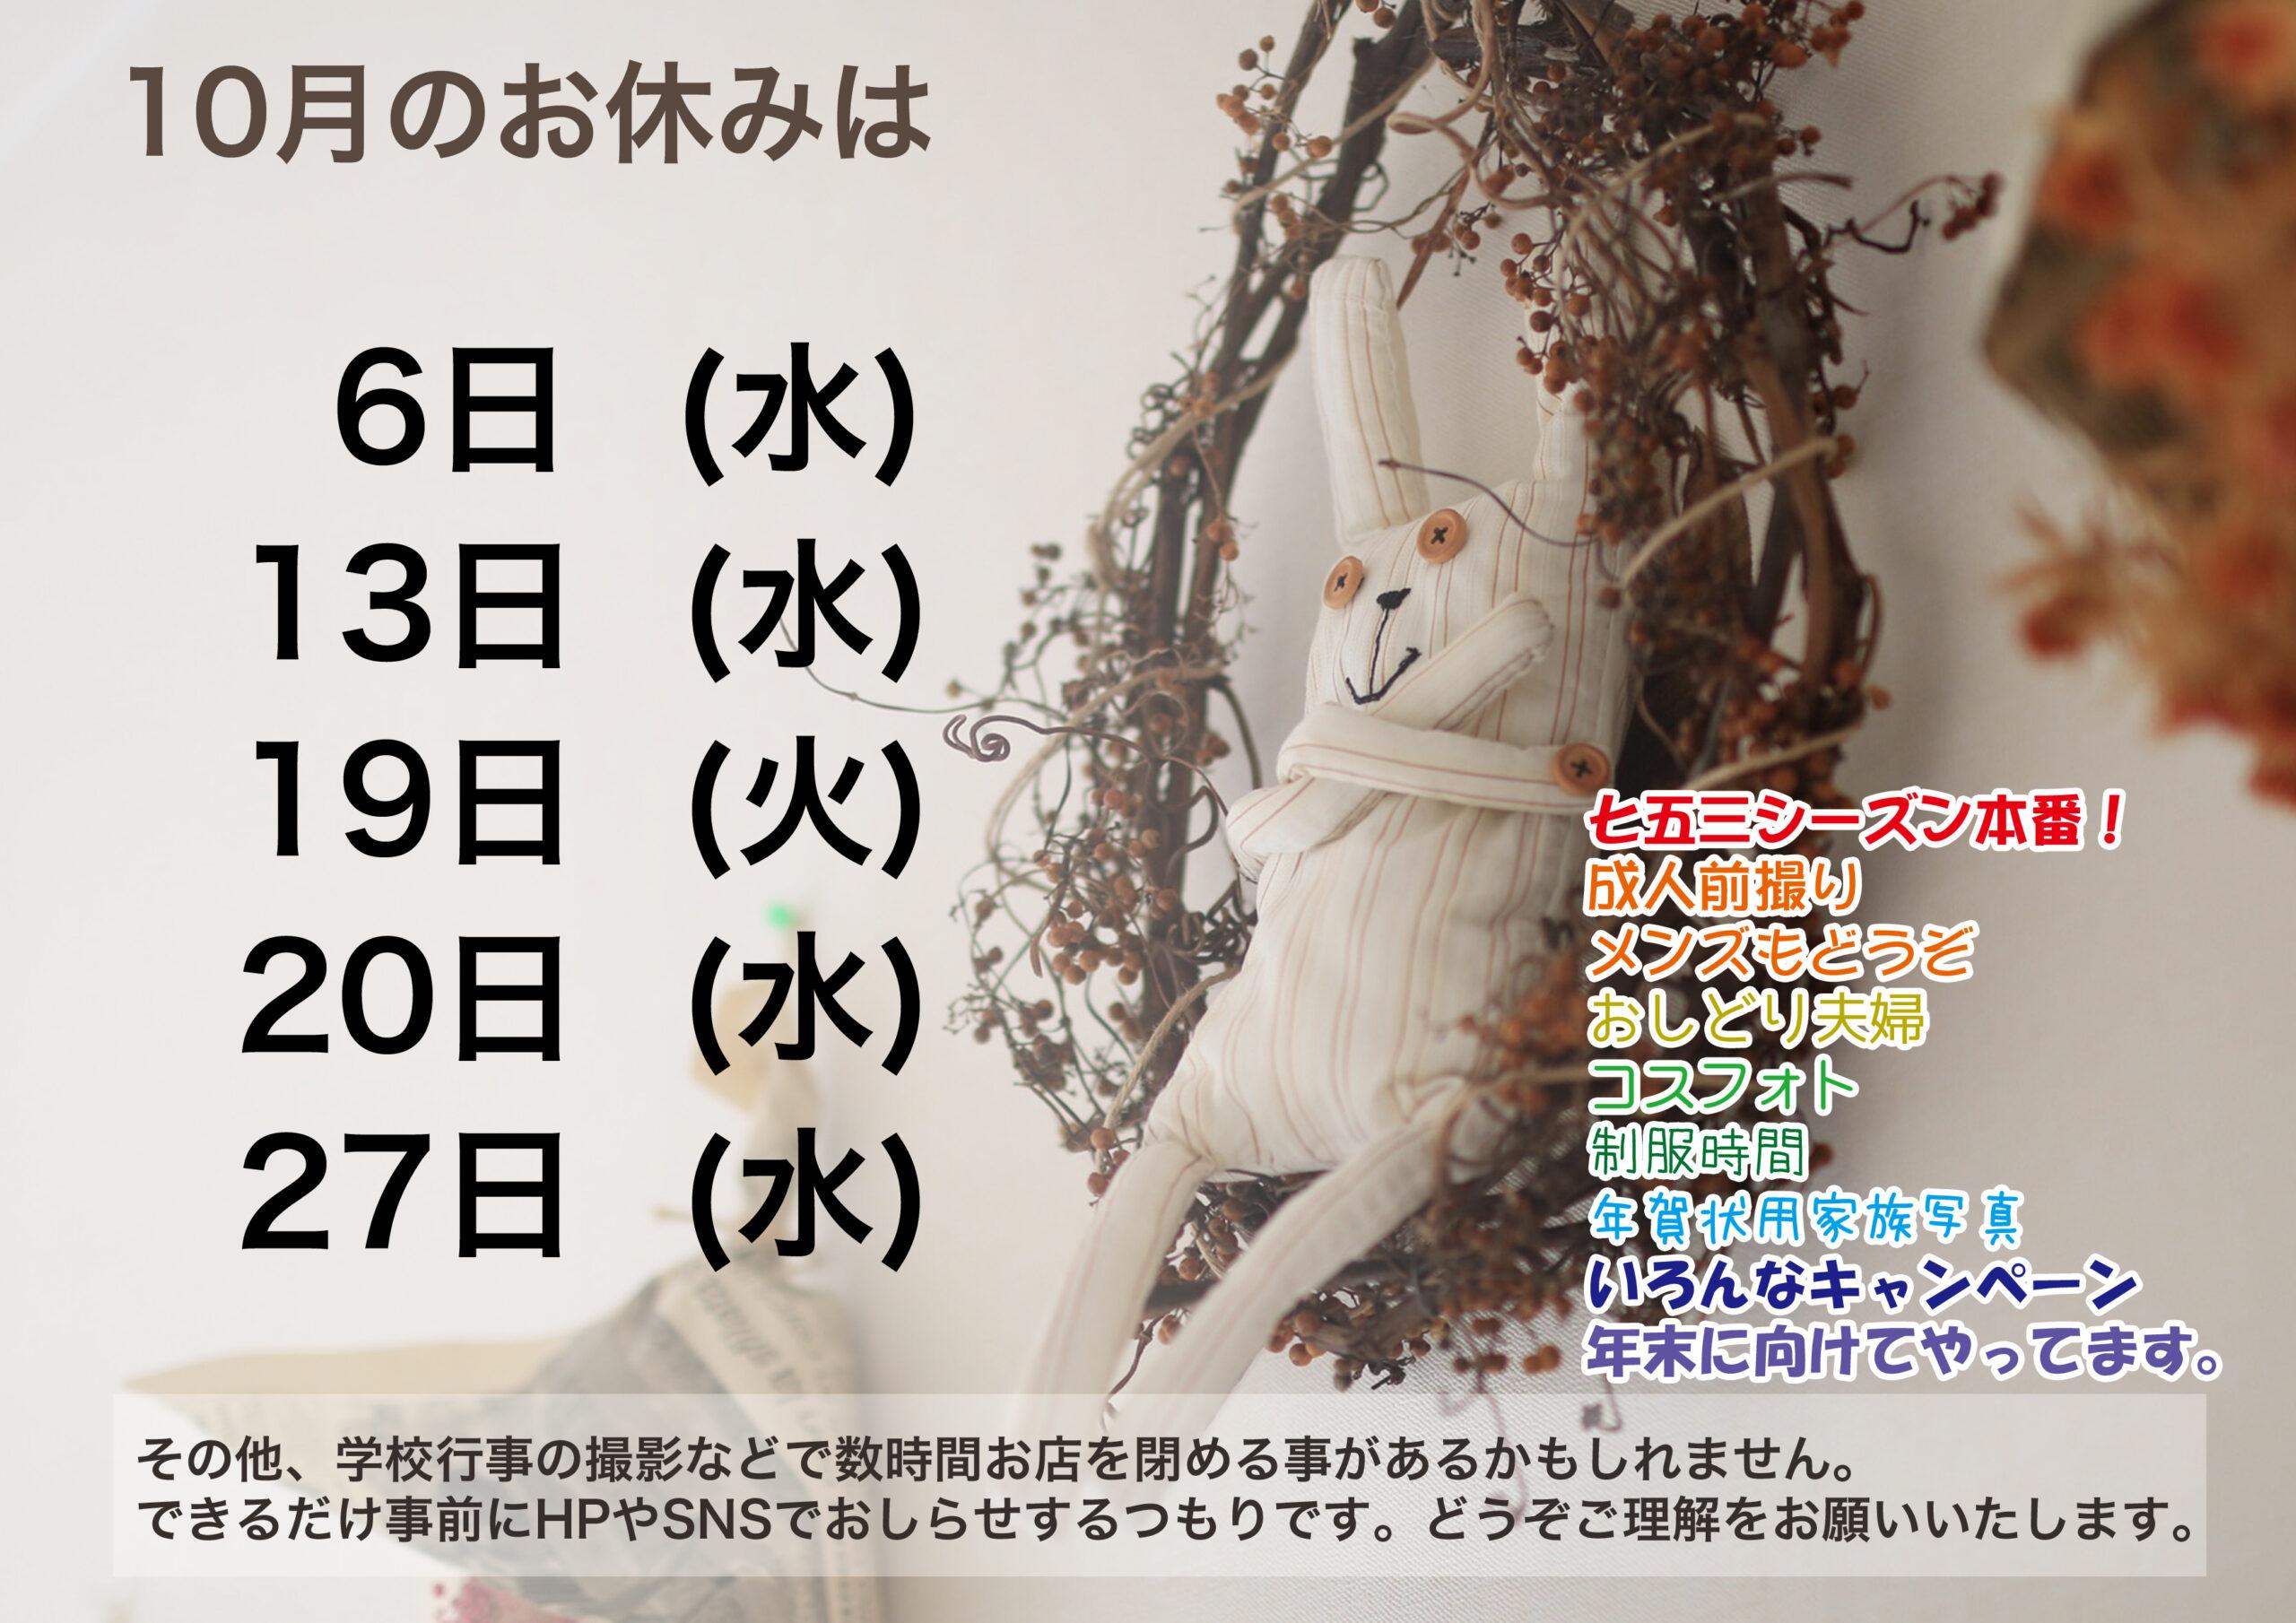 10月の営業予定〜!